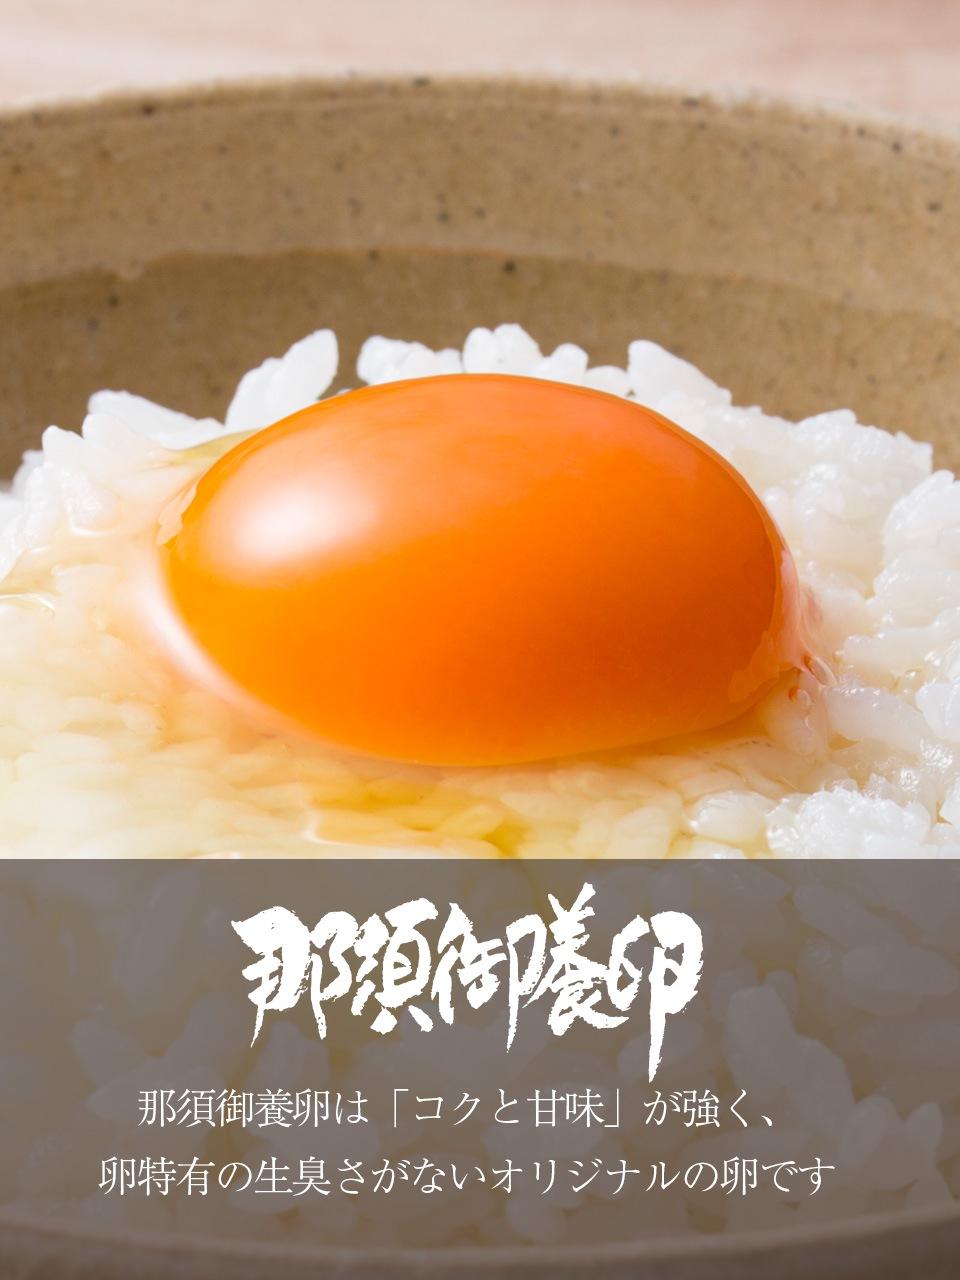 那須御養卵 那須御養卵は「コクと甘味」が強く、卵特有の生臭さがないオリジナルの卵です